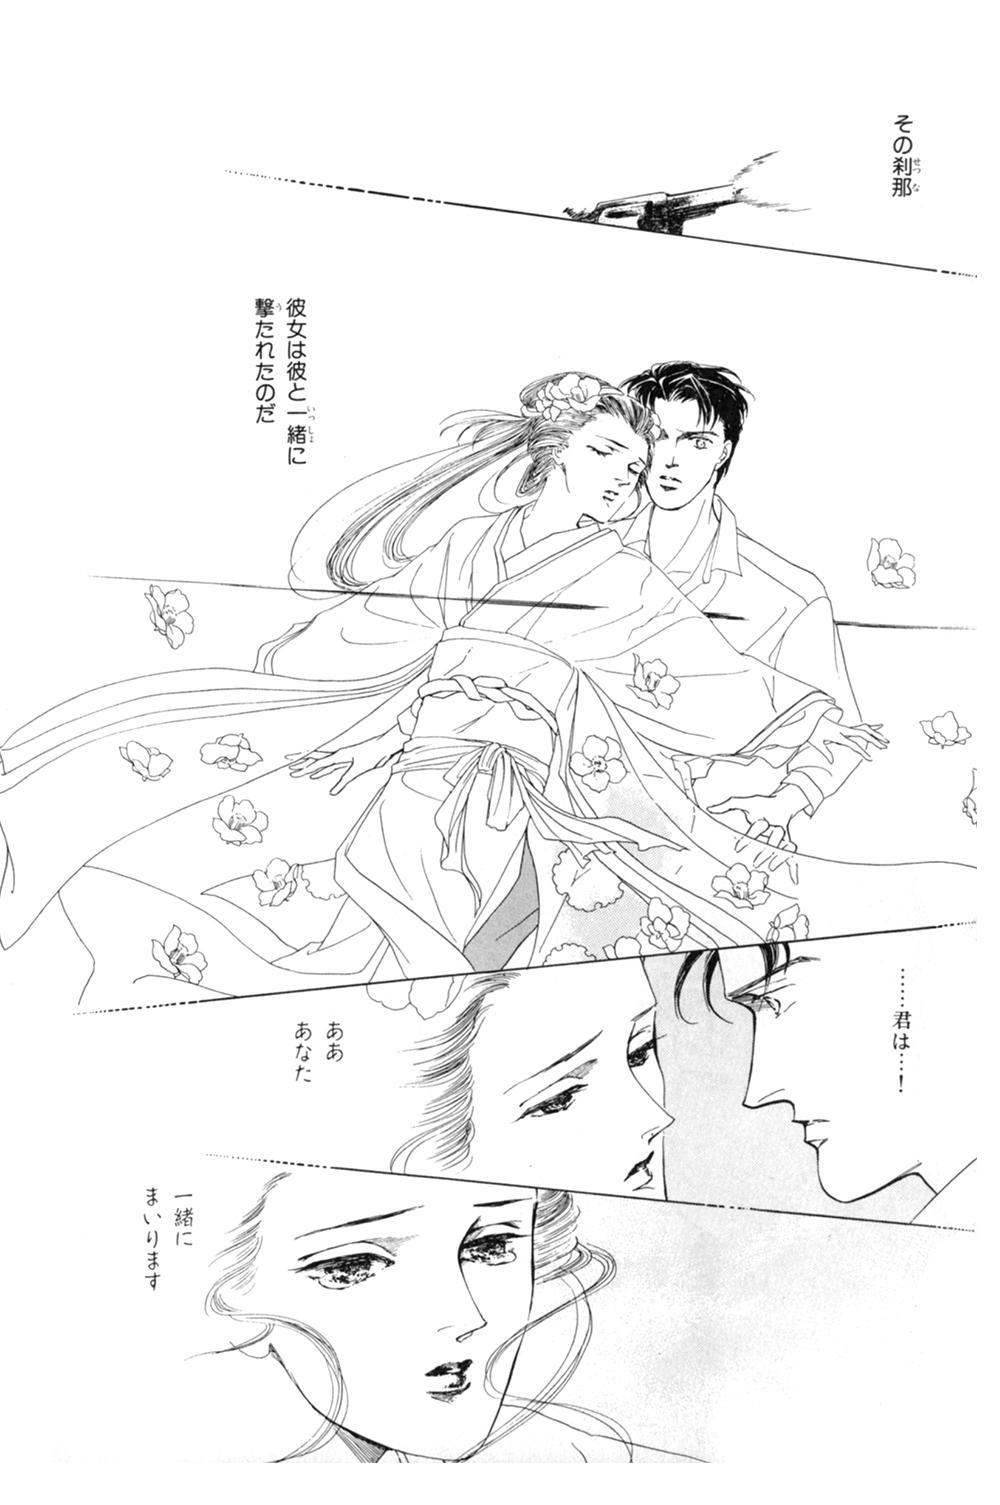 雨柳堂夢咄 第1話「花椿の恋」②uryu22.jpg